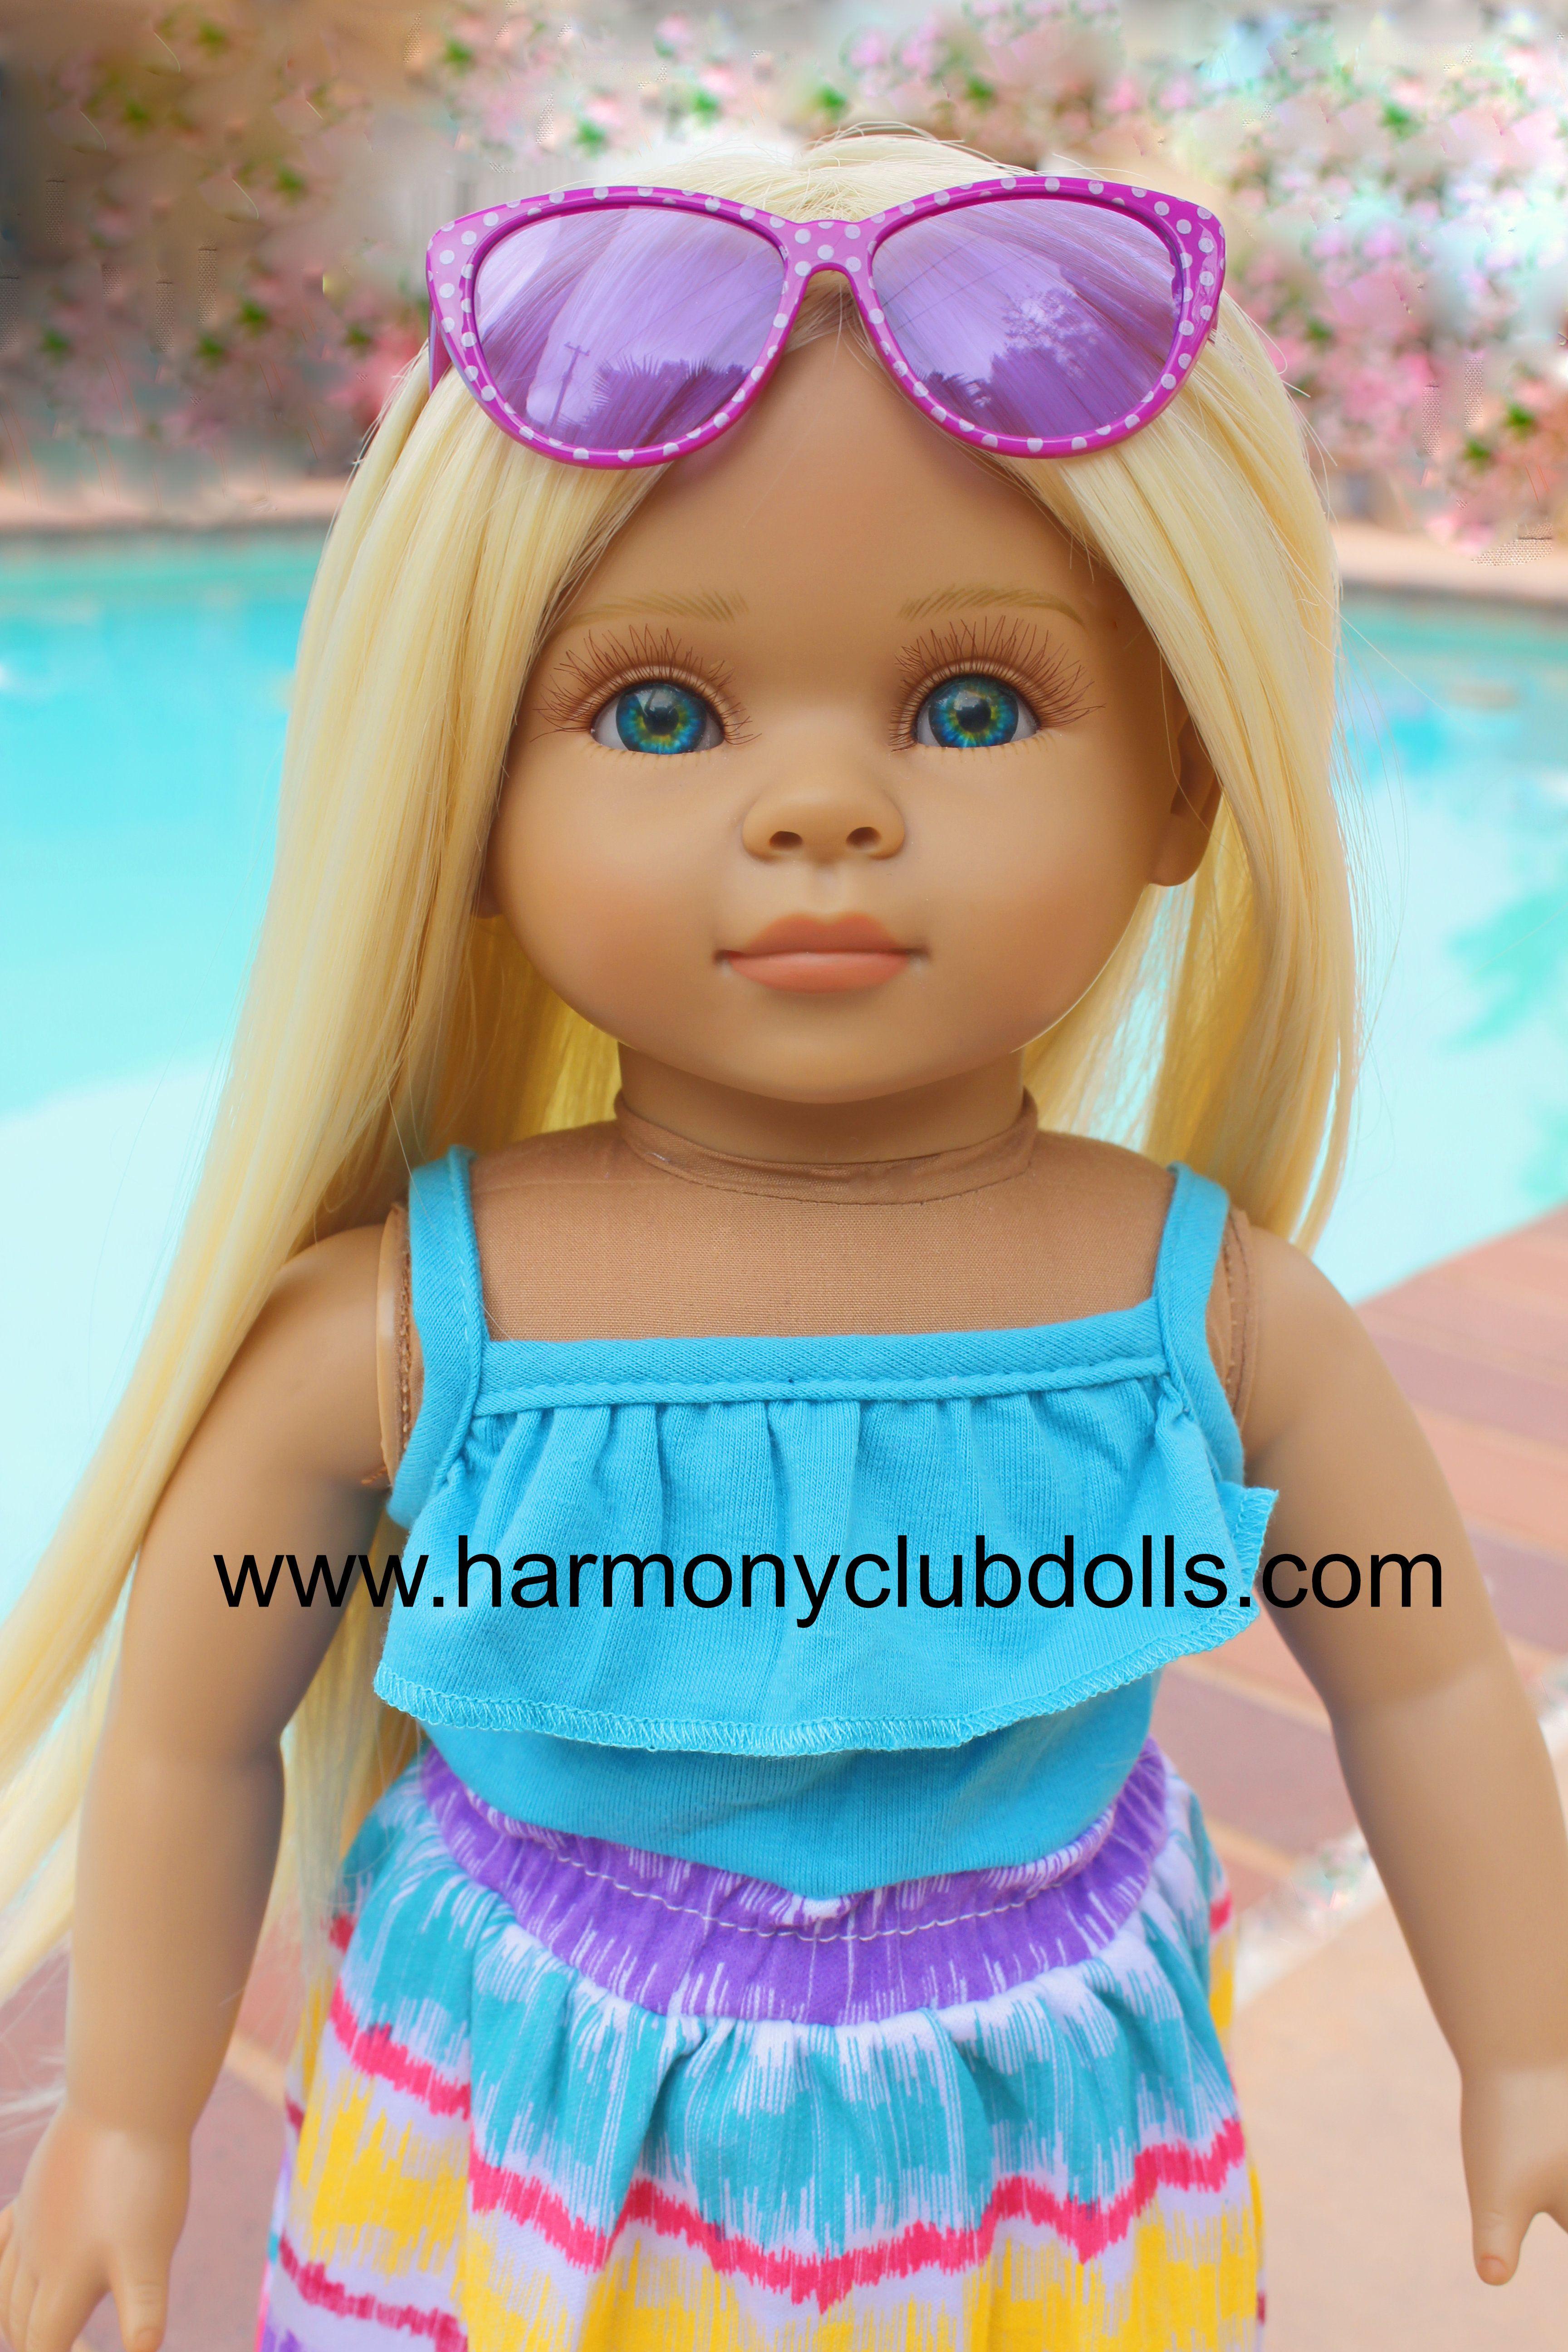 """HARMONY CLUB DOLLS www.harmonyclubdolls.com 18"""" Doll clothes to fit American Girl"""